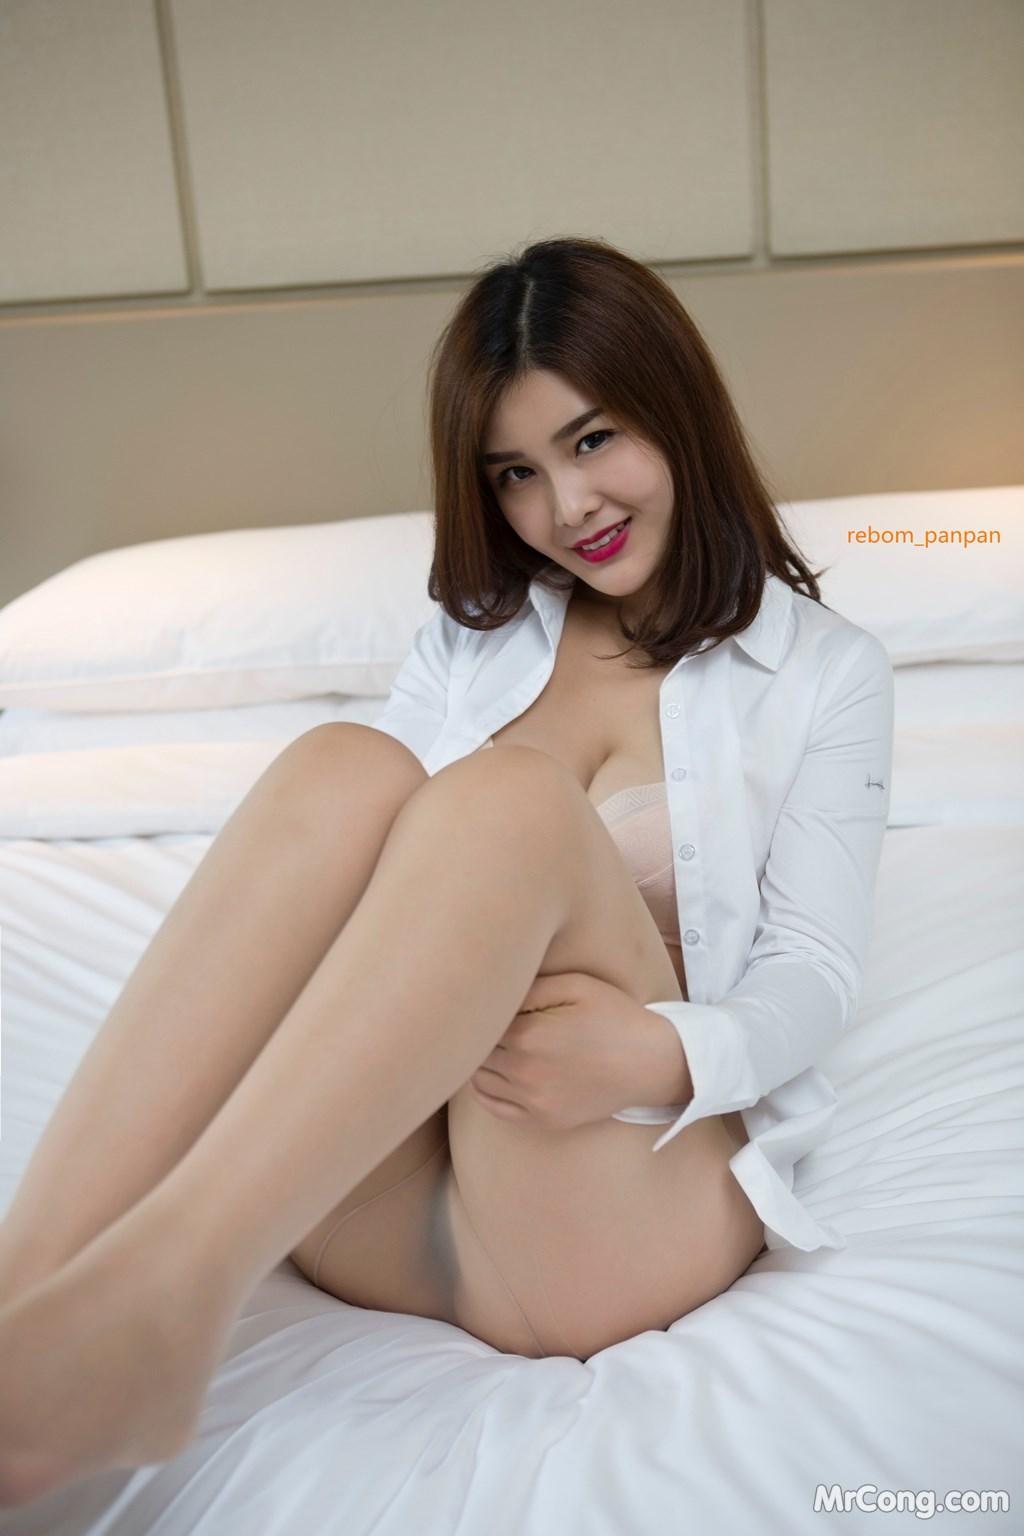 Image Yan-Pan-Pan-Part-4-MrCong.com-012 in post Người đẹp Yan Pan Pan (闫盼盼) hờ hững khoe vòng một trên giường ngủ (40 ảnh)